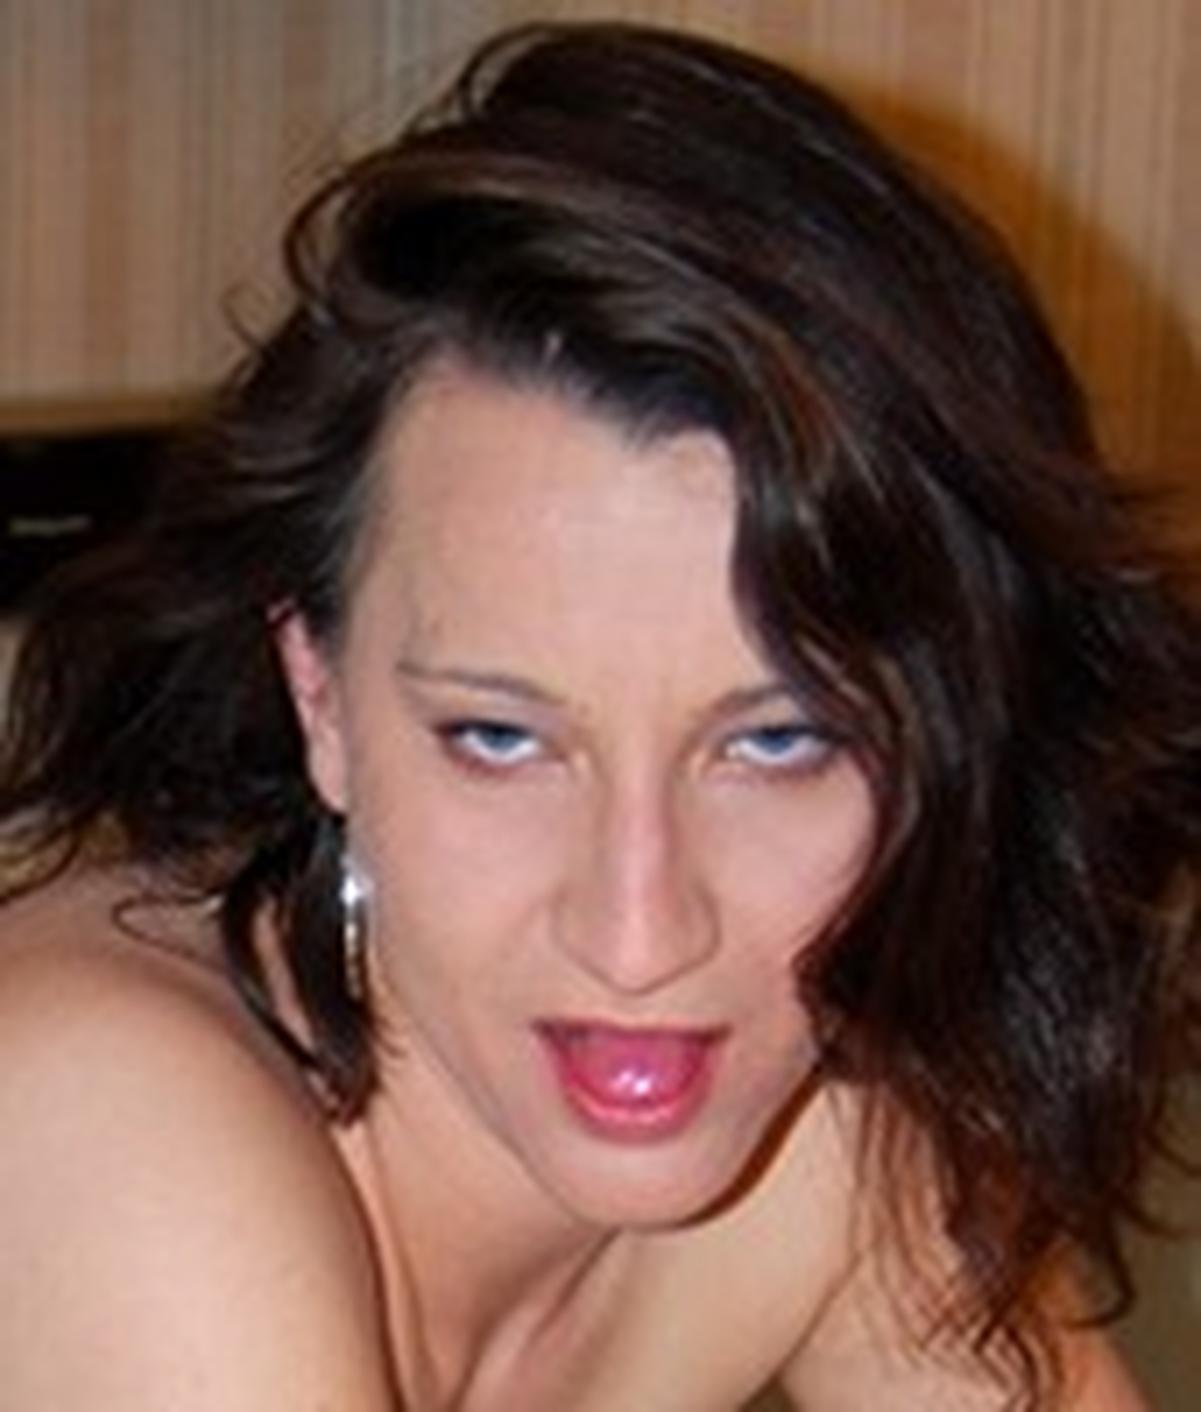 Sara Swirls